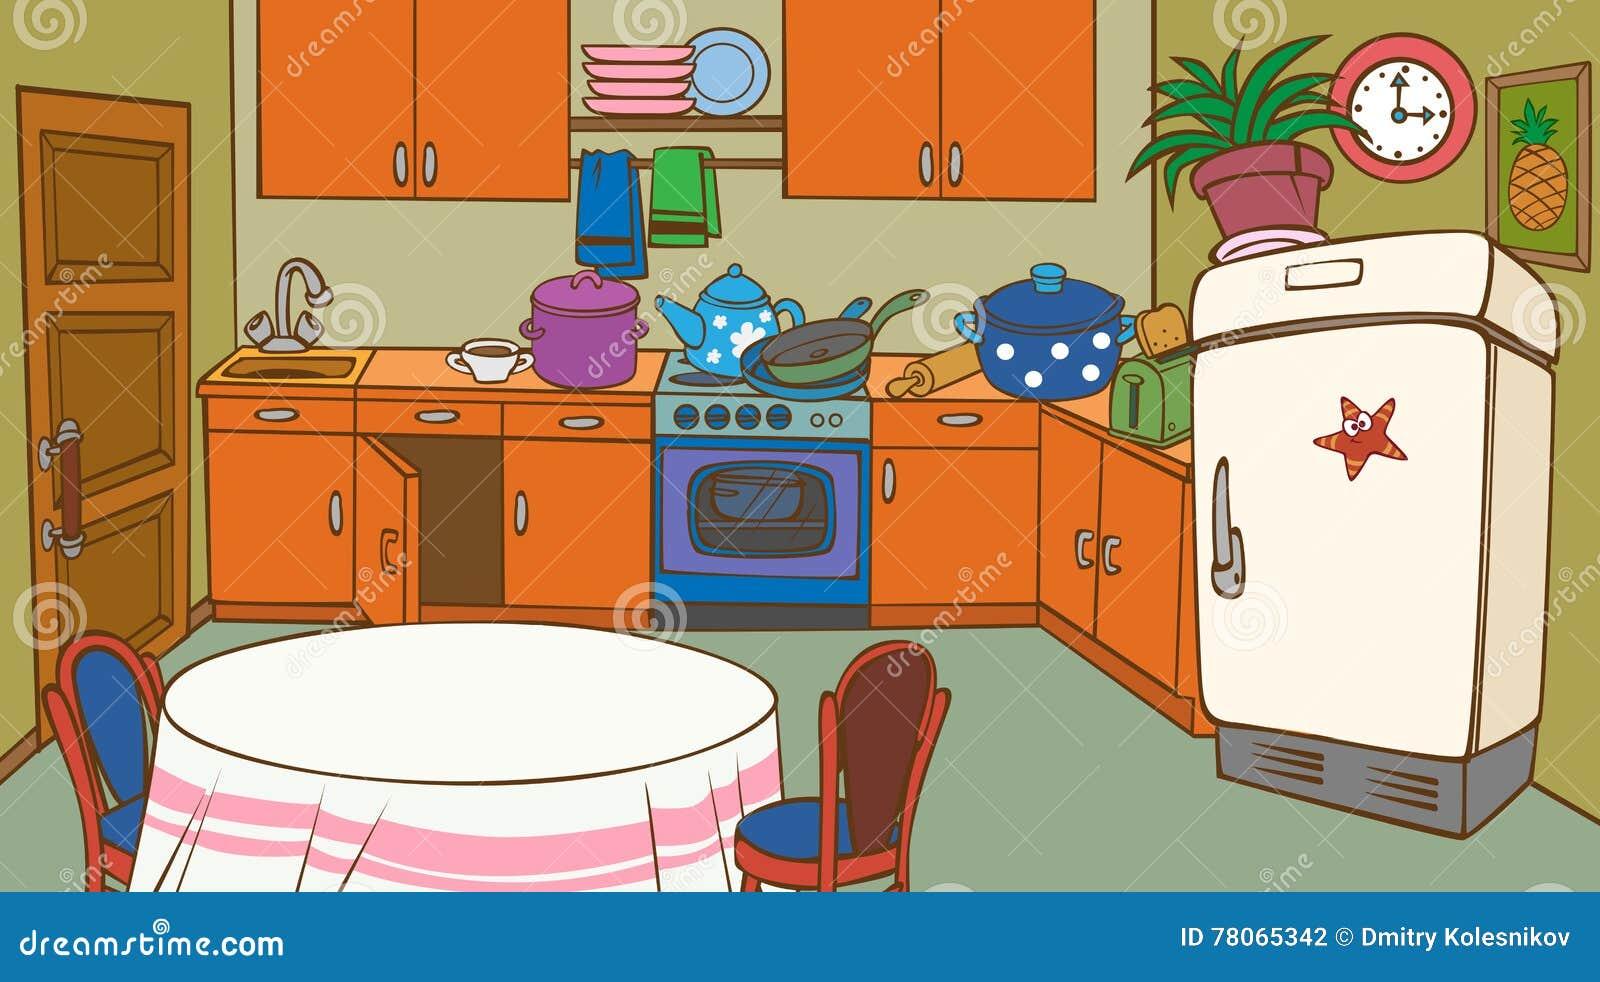 Cocina animada de la historieta stock de ilustraci n for Cocina y refrigerador juntos